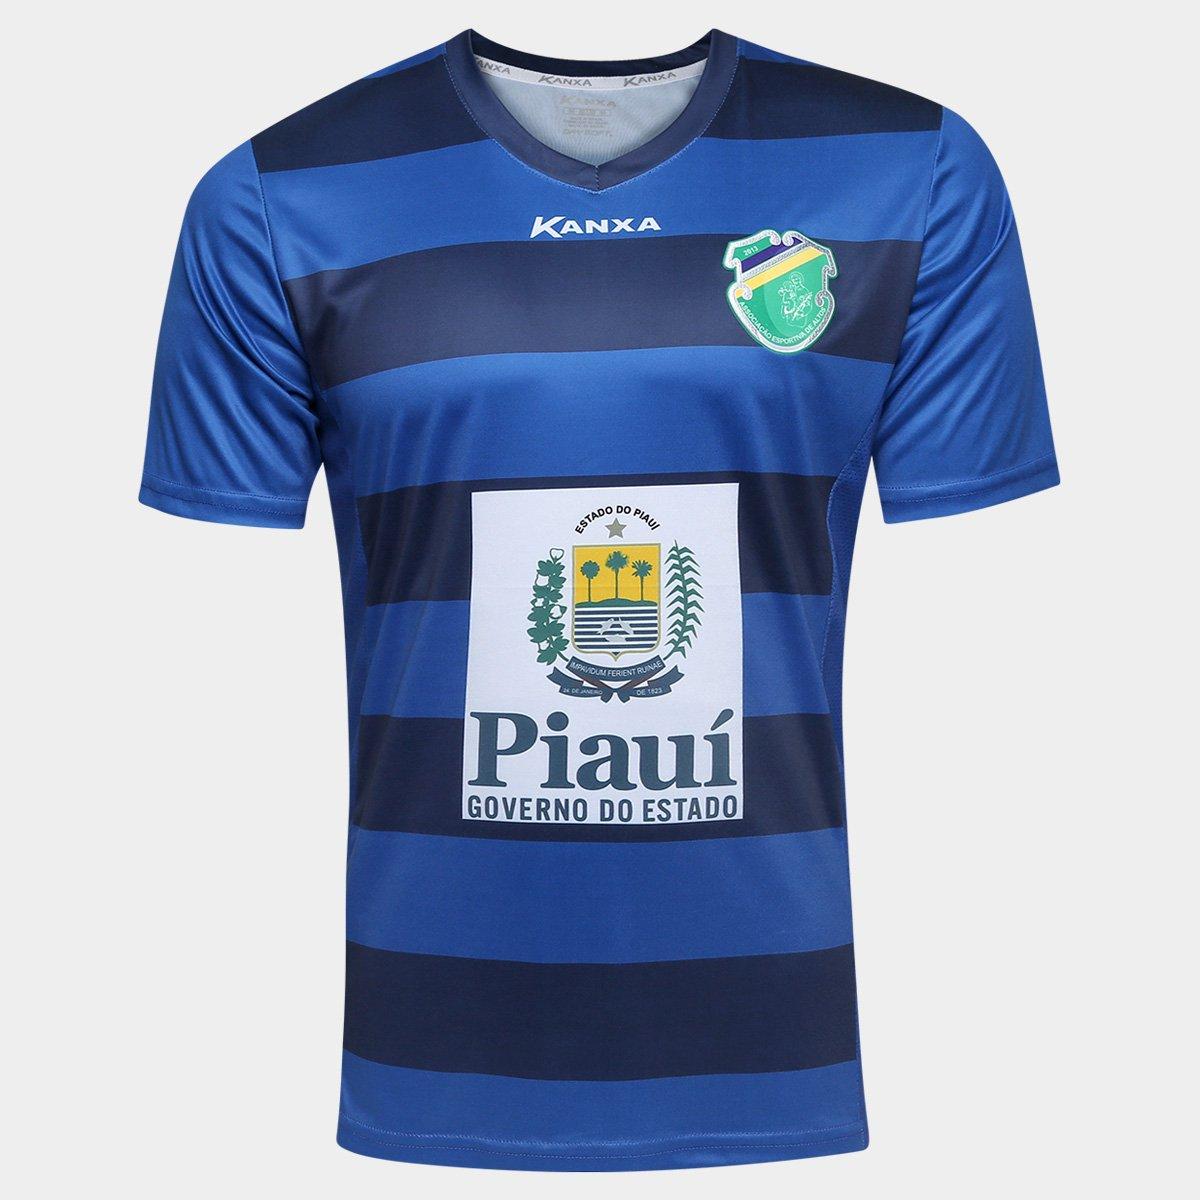 Camisa Altos Piauí II 2017 nº 10 Torcedor Kanxa Masculina - Compre Agora  72509c22bb3b5